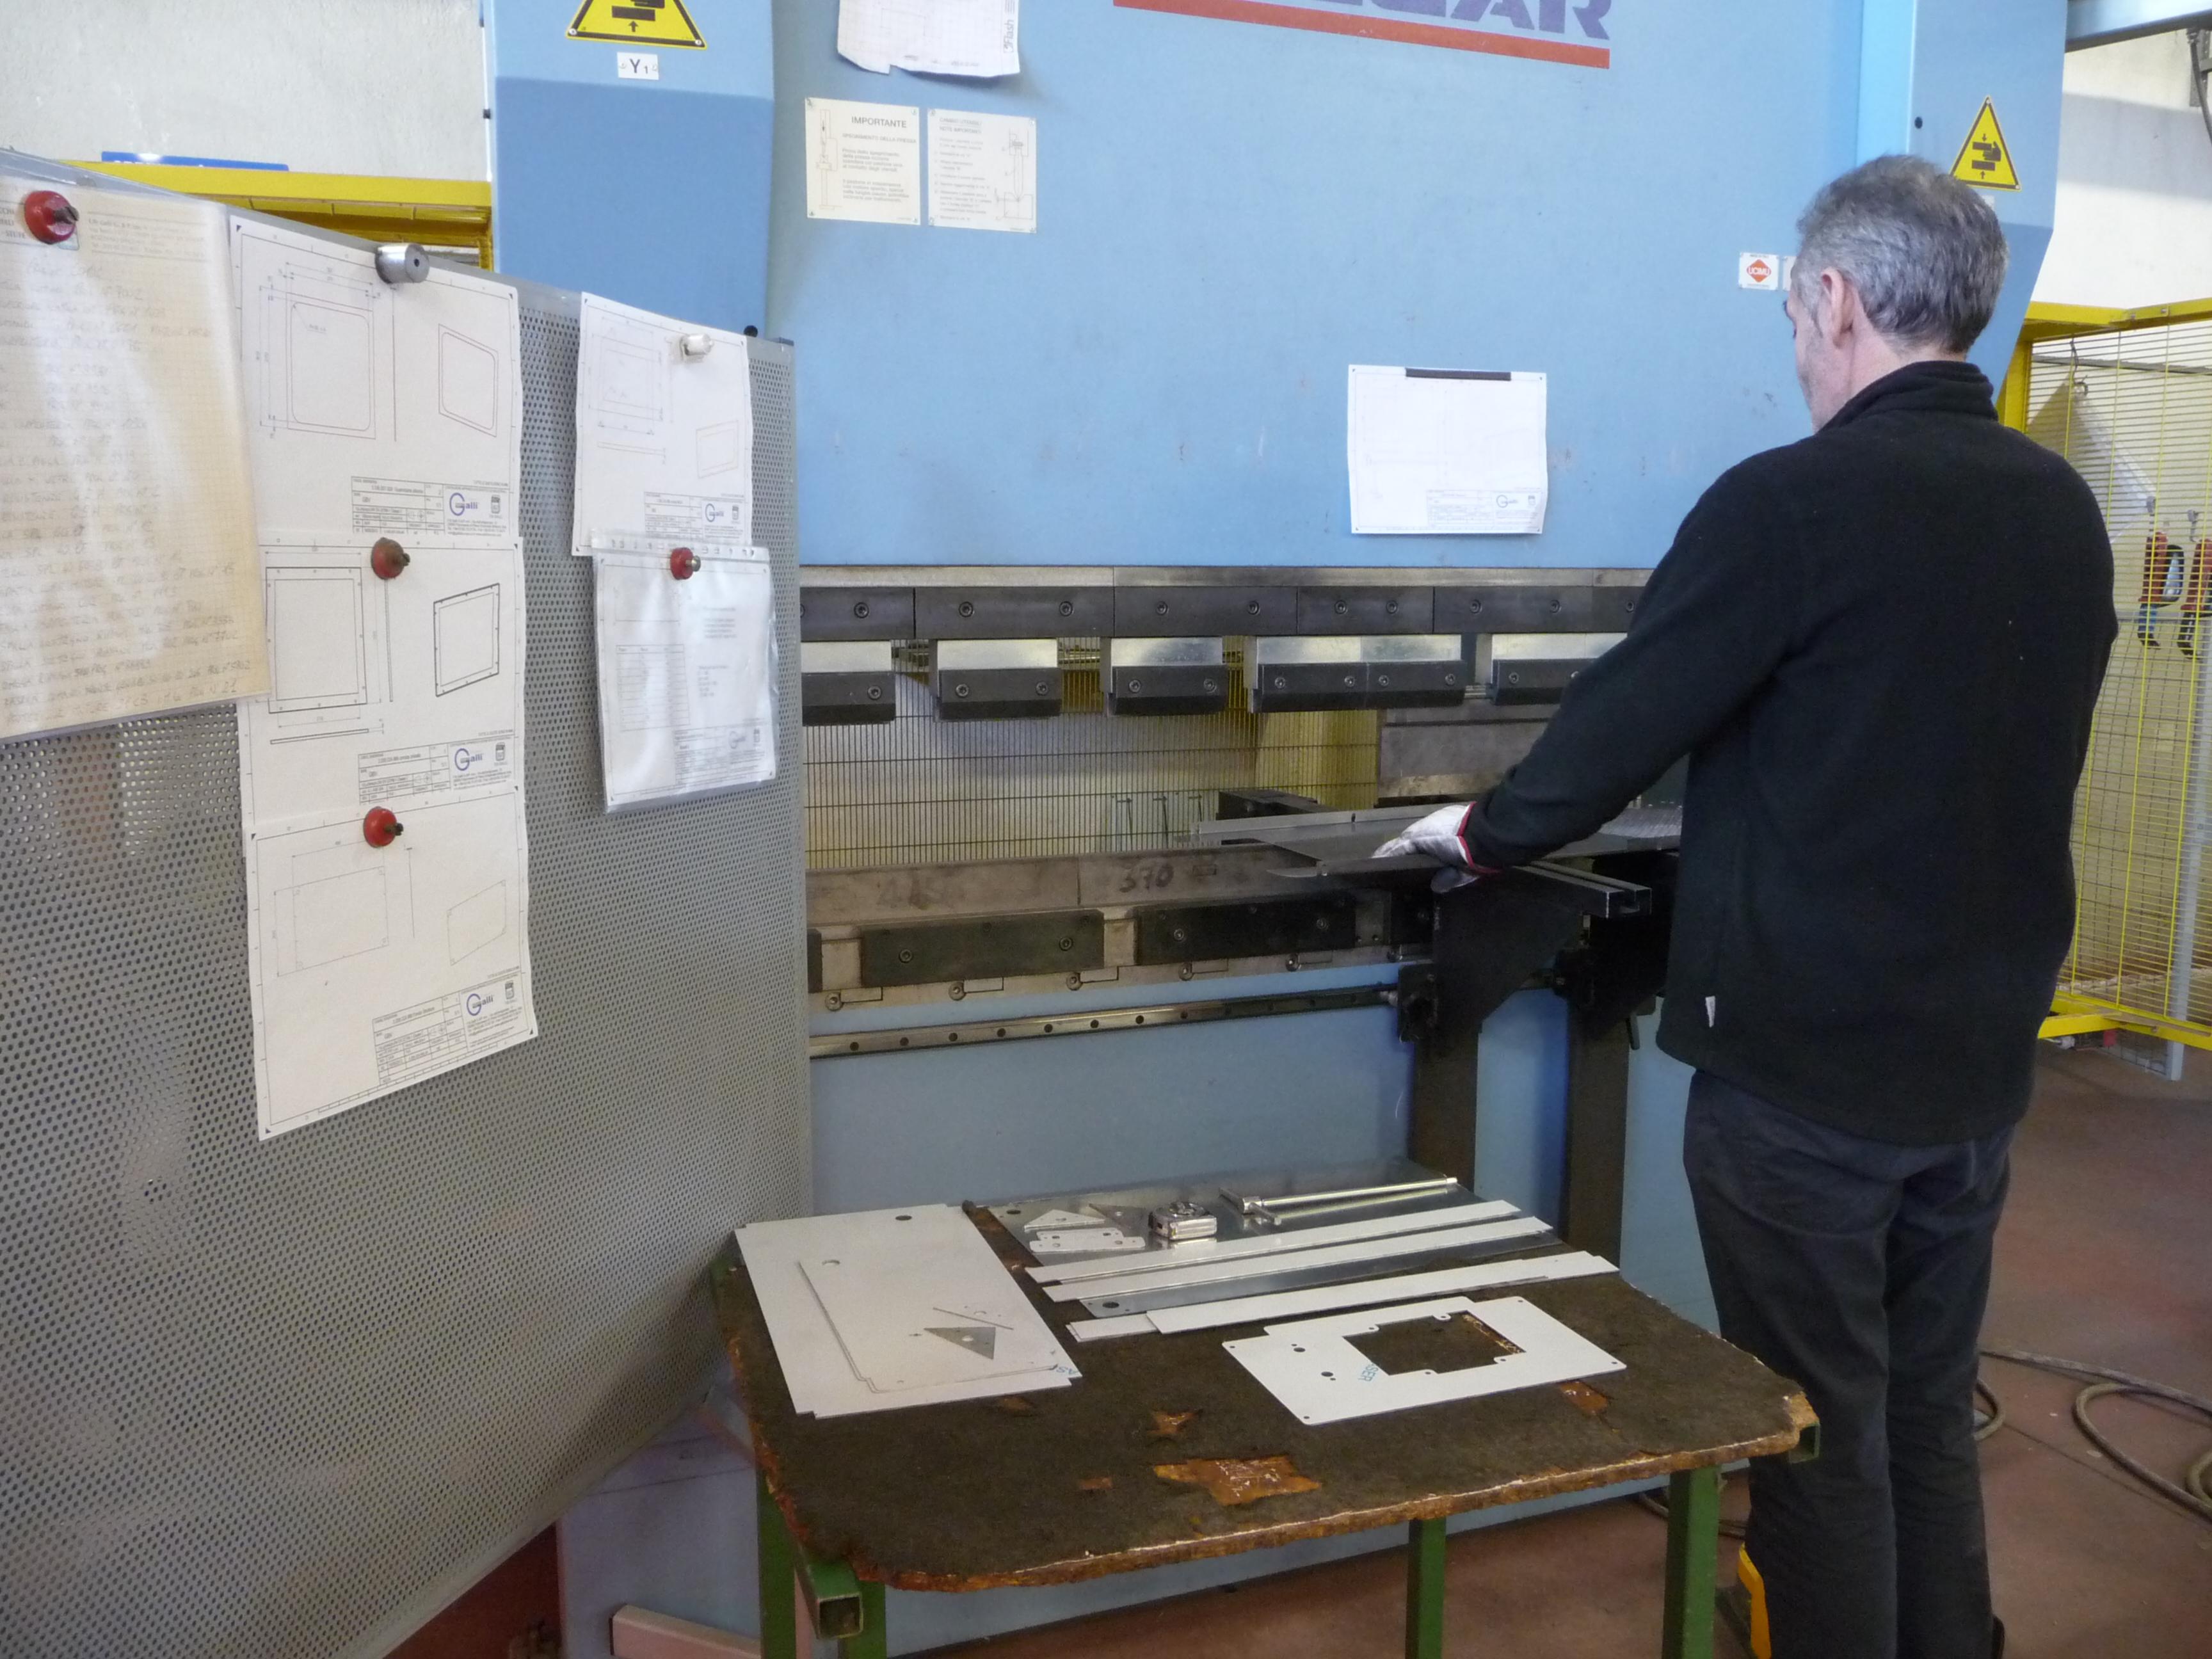 Fratelli Galli Company Manufacture